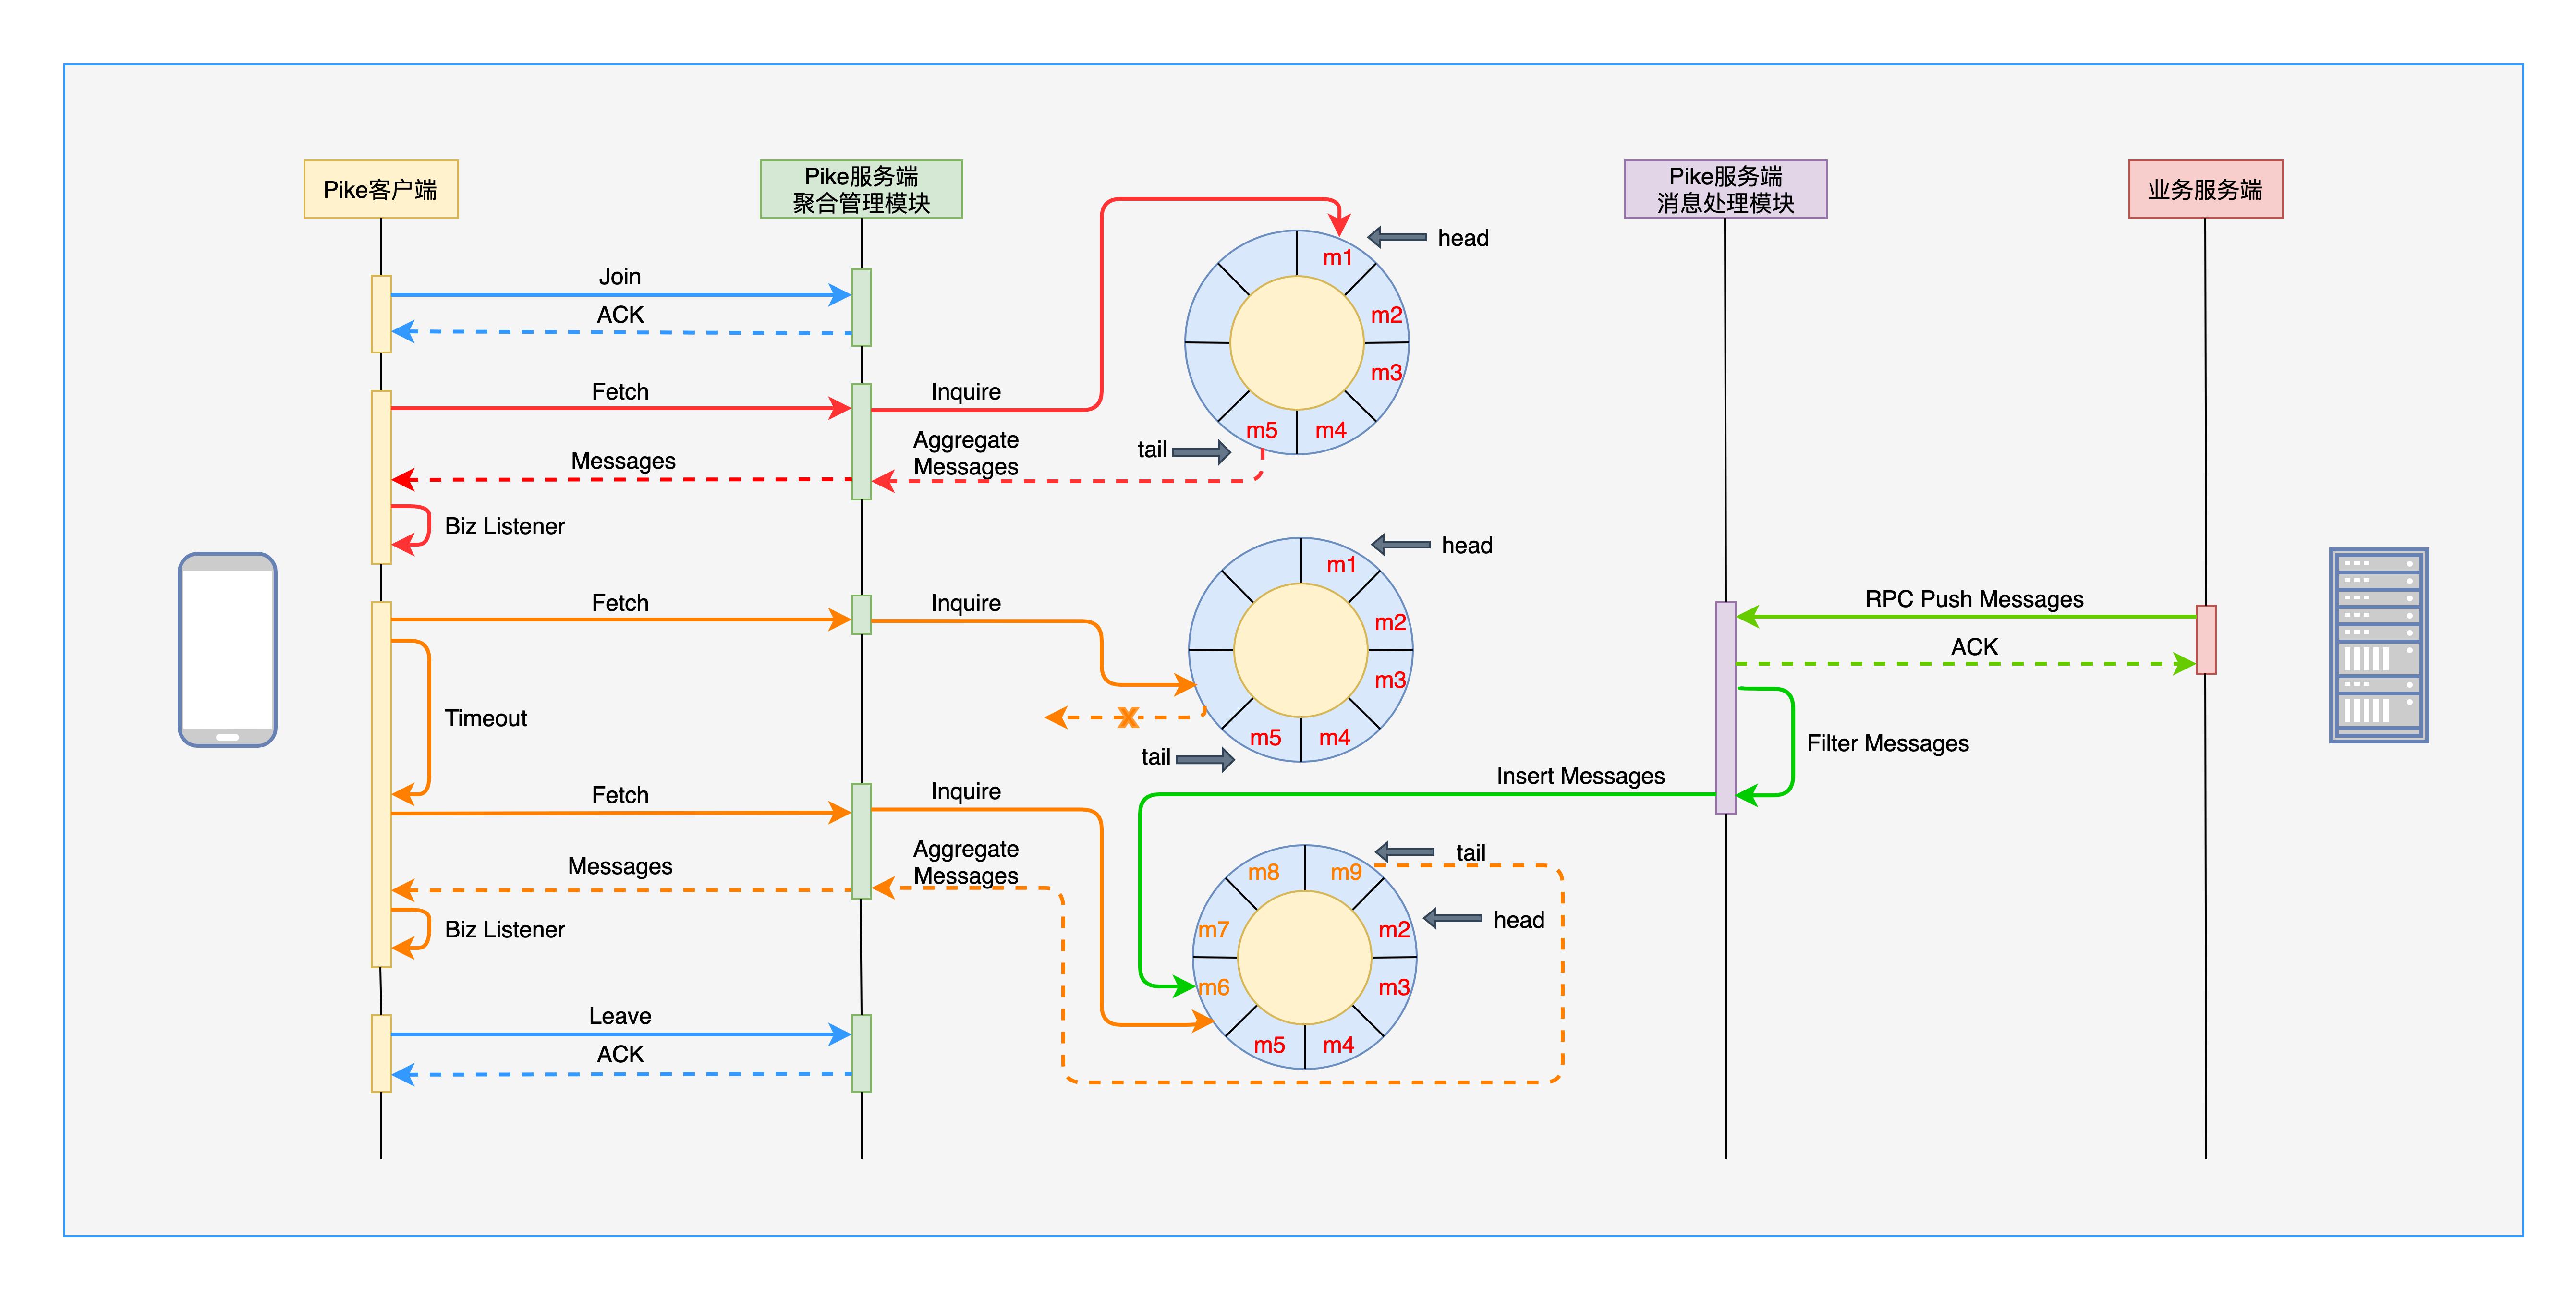 图9 聚合消息交互流程图